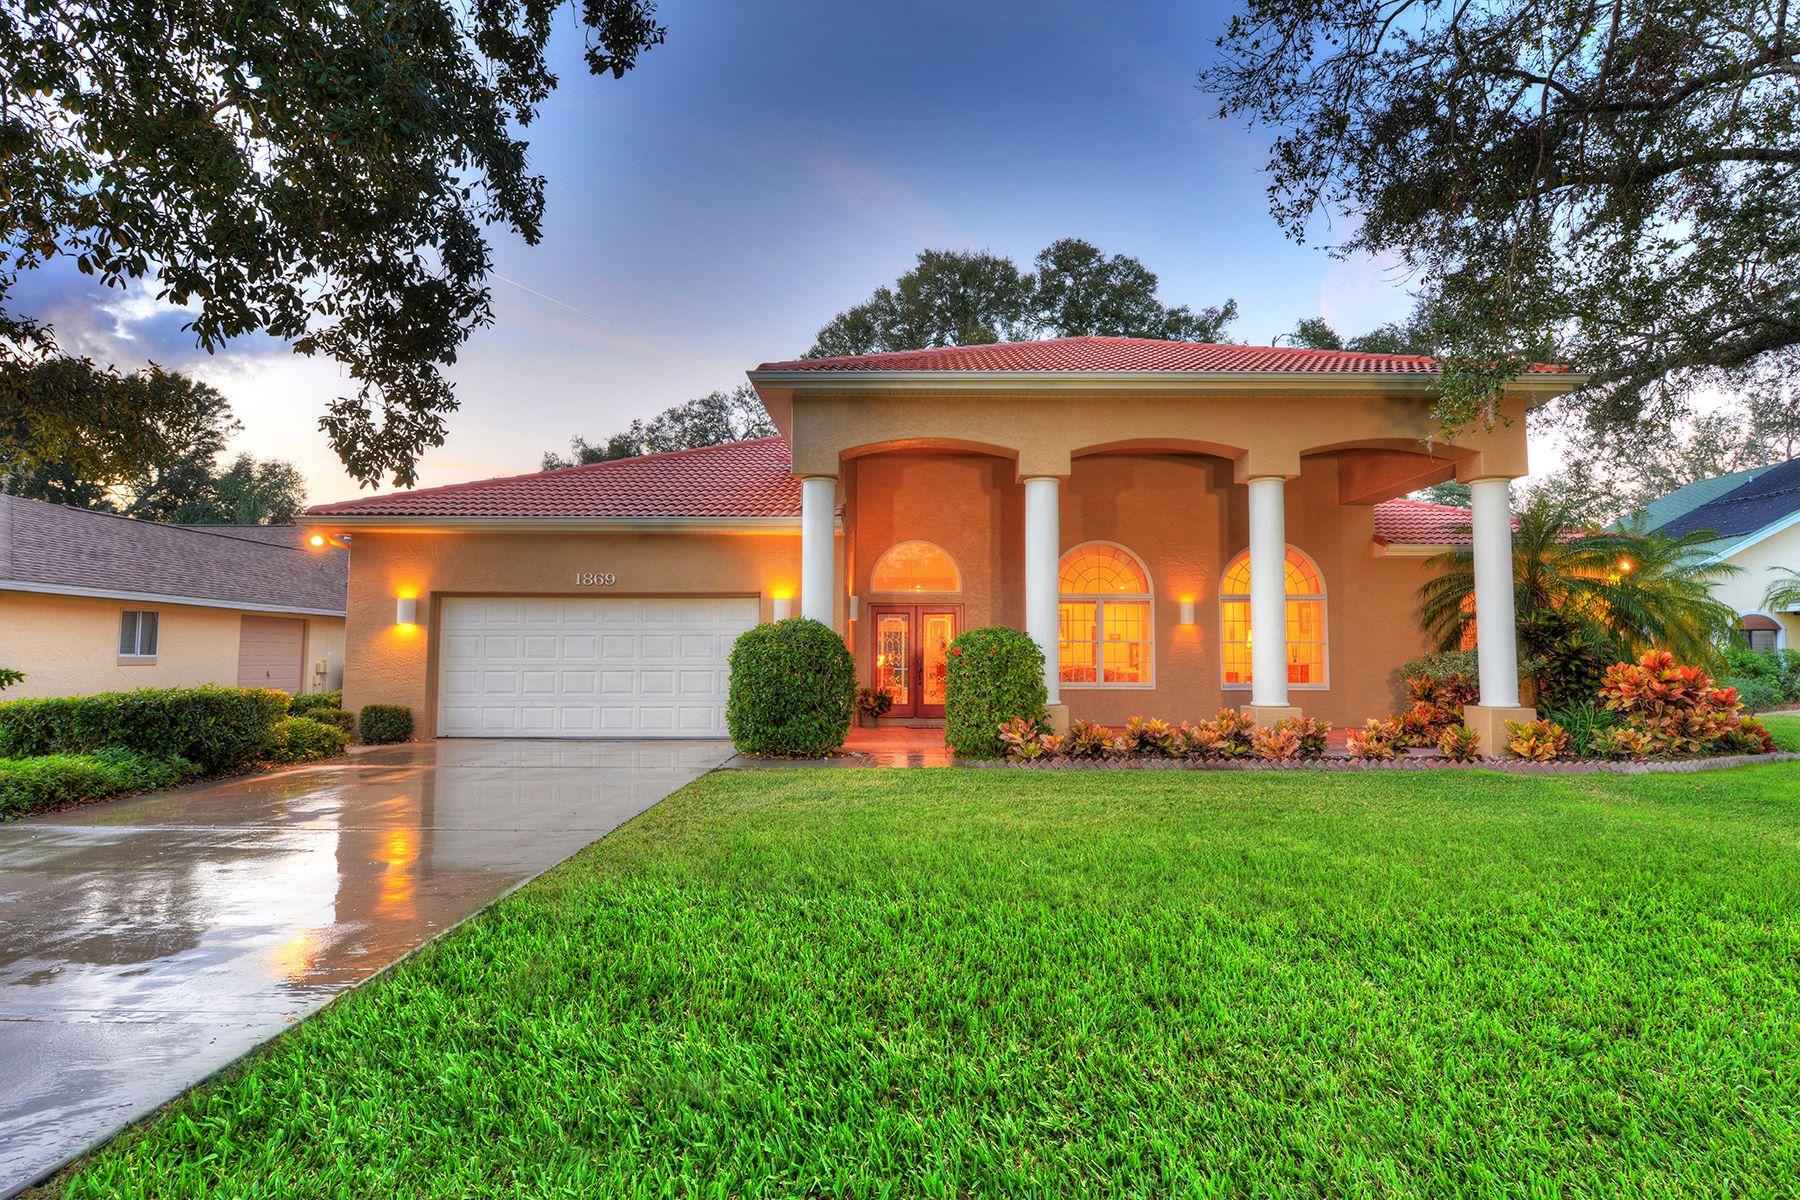 Nhà ở một gia đình vì Bán tại SPRUCE CREEK AND THE BEACHES 1869 Spruce Creek Blvd Port Orange, Florida, 32128 Hoa Kỳ